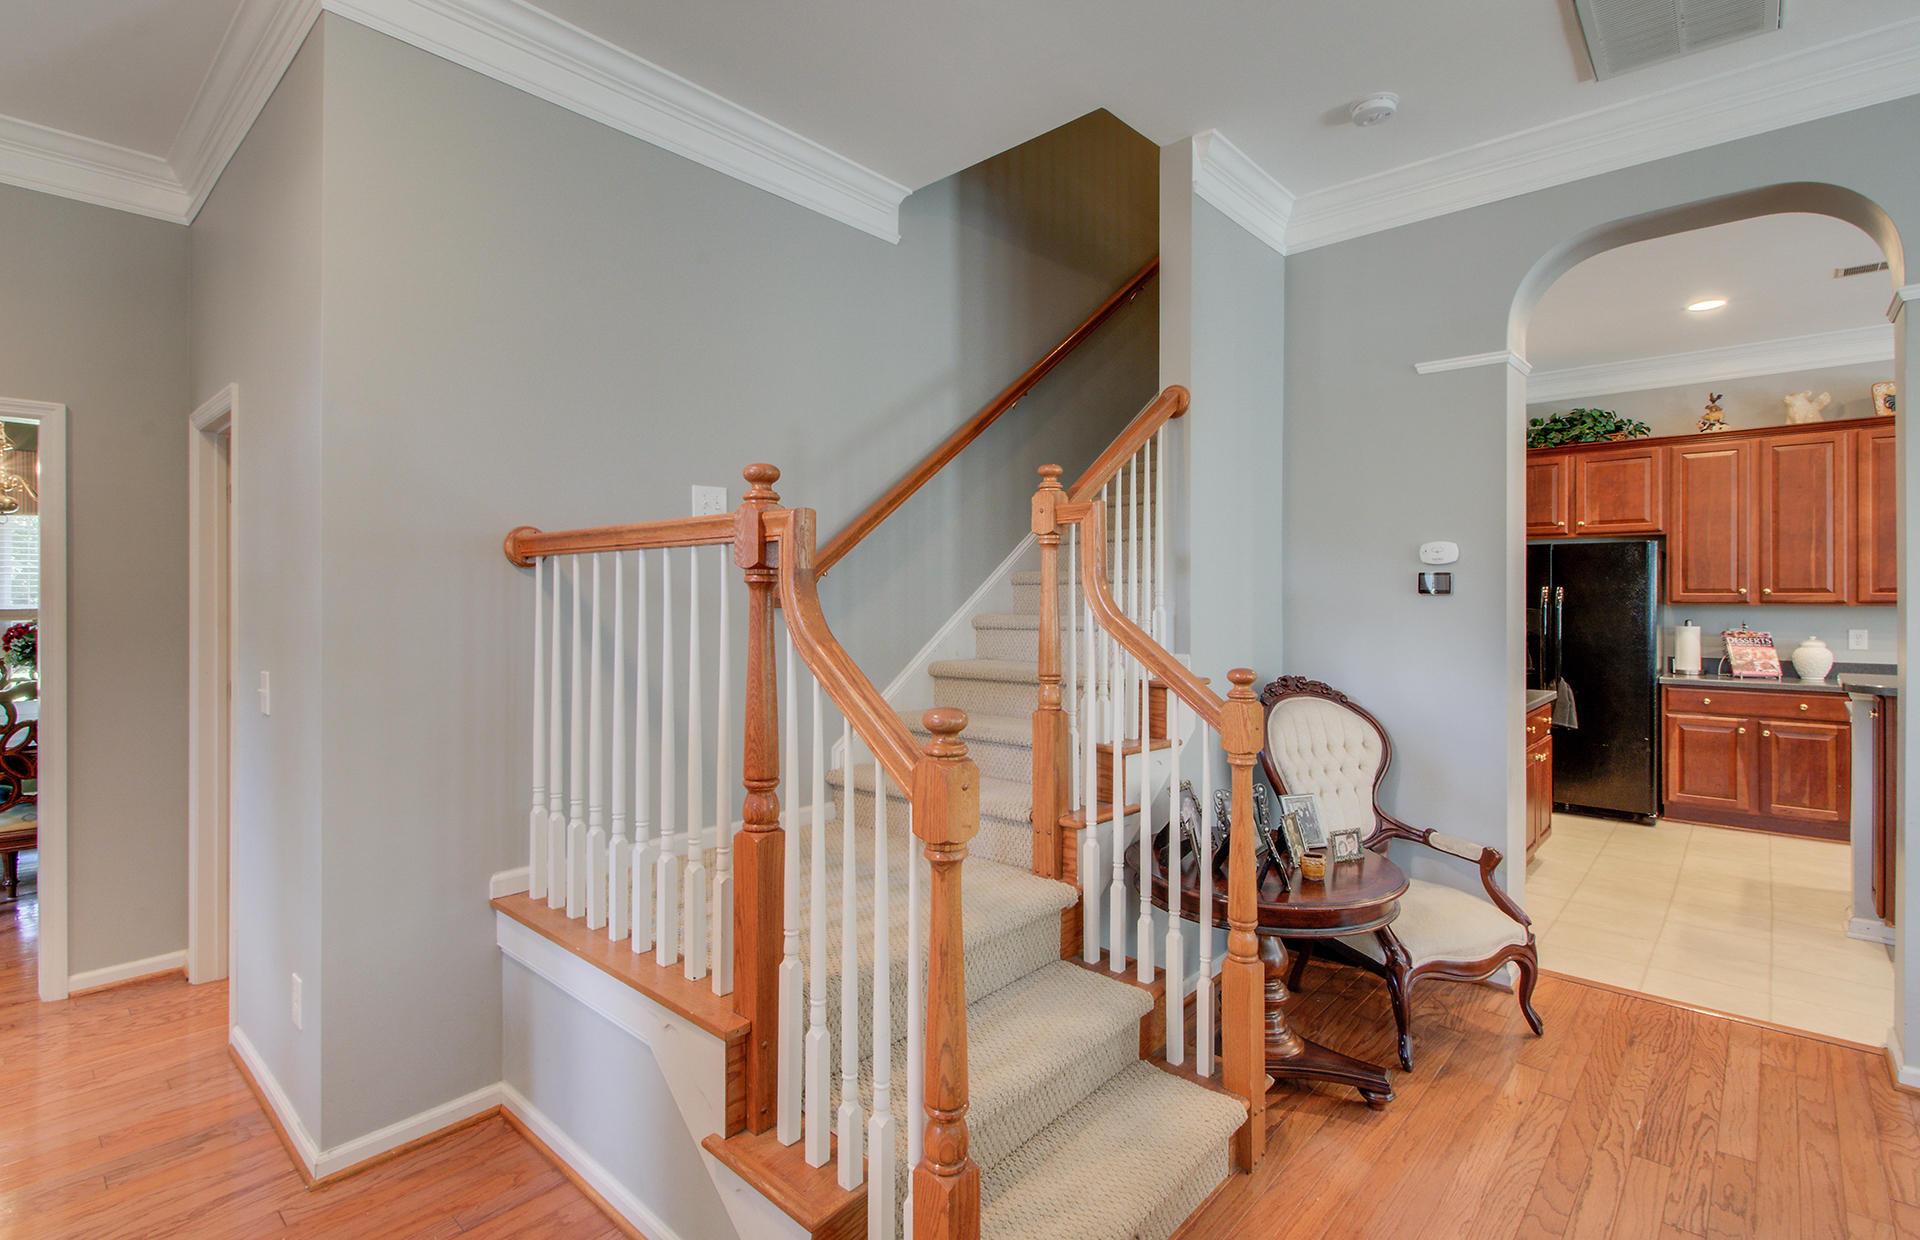 Park West Homes For Sale - 2500 Draymohr, Mount Pleasant, SC - 17